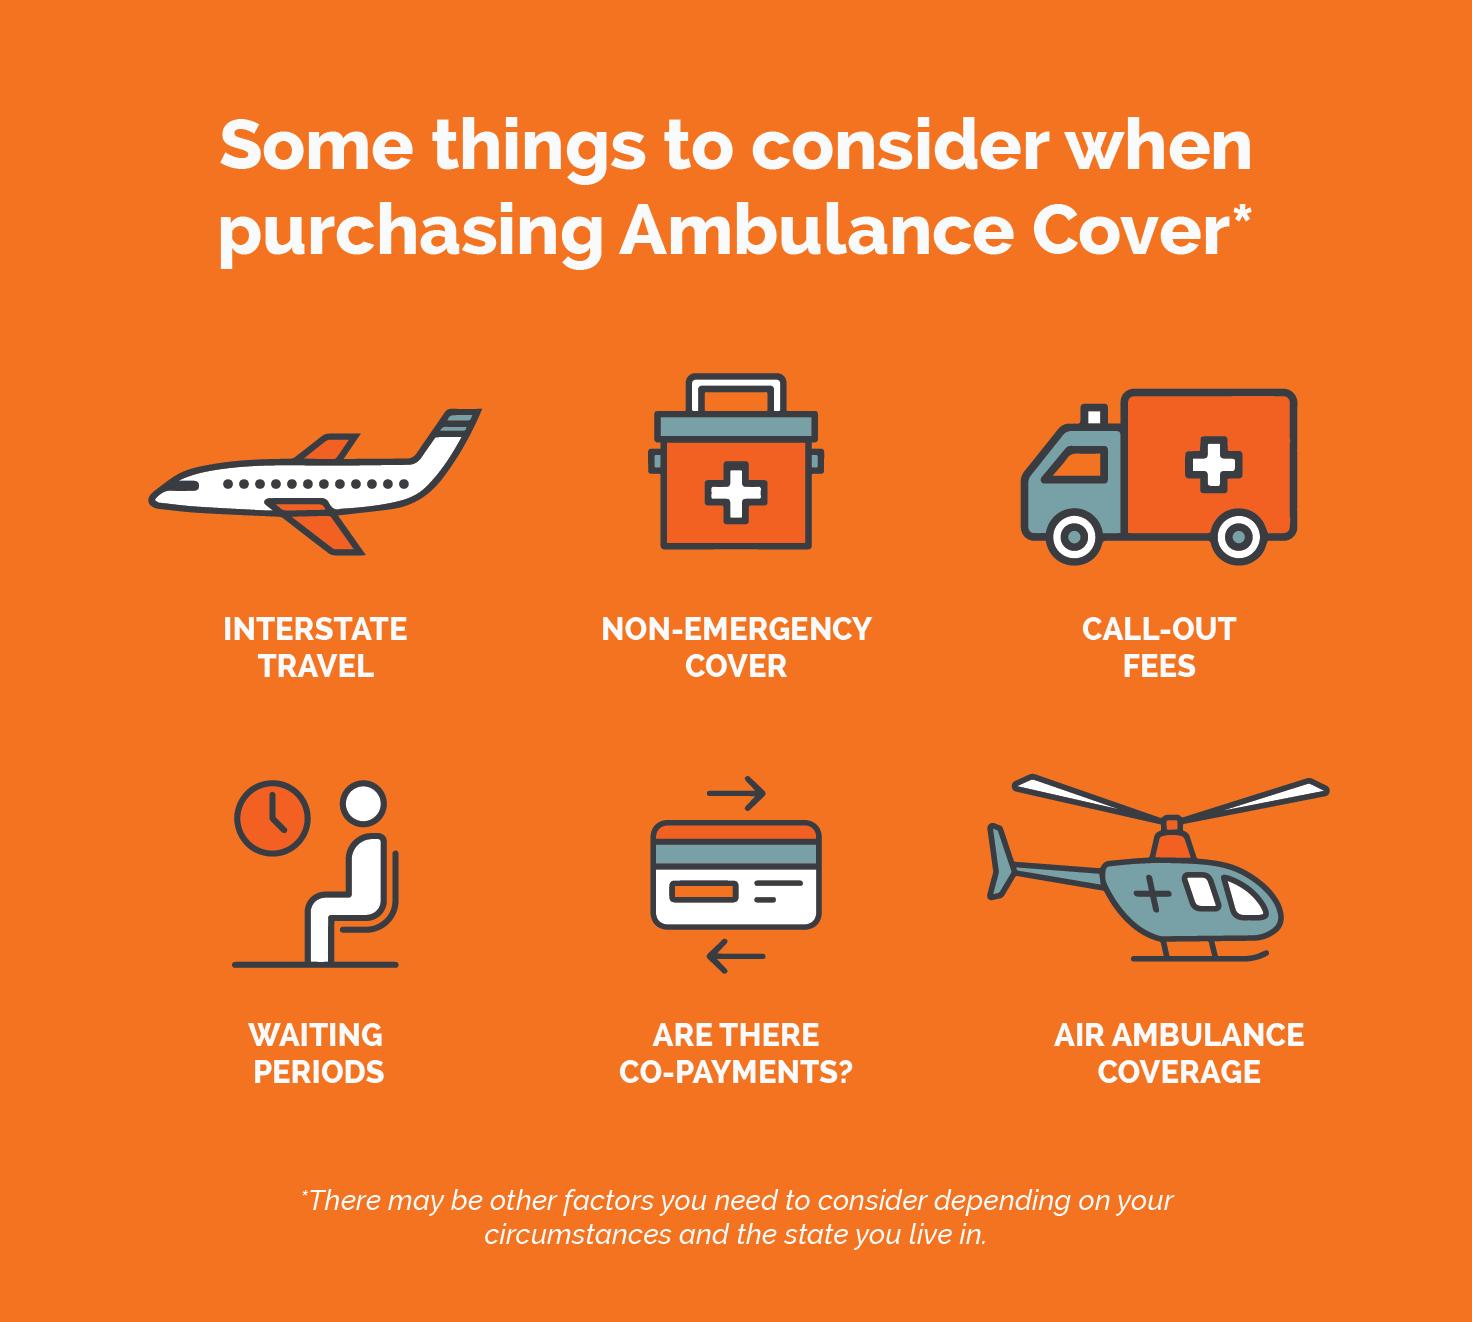 health insurance western australia compare  Ambulance Cover | Ambulance Insurance | iSelect